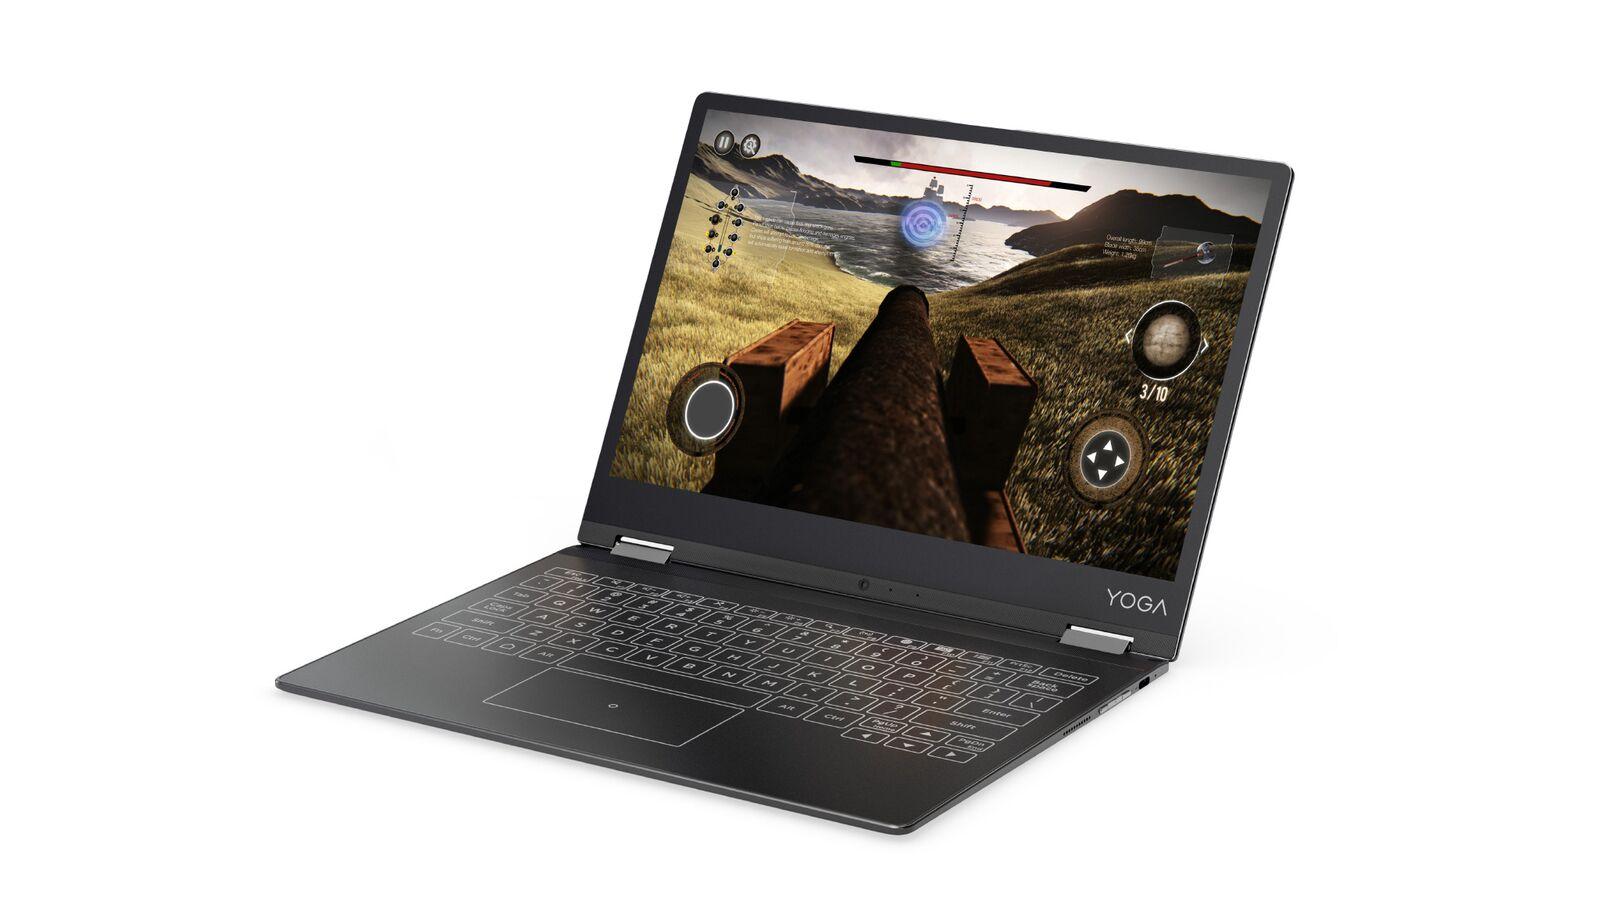 """YOGA Tablet A12 Atom x5-Z8550 QC 2,4GHz/2GB/32GB/12,2"""" HD/IPS/multitouch/HALO-klávesnice/Android6.0.1 šedá ZA1Y0028CZ"""